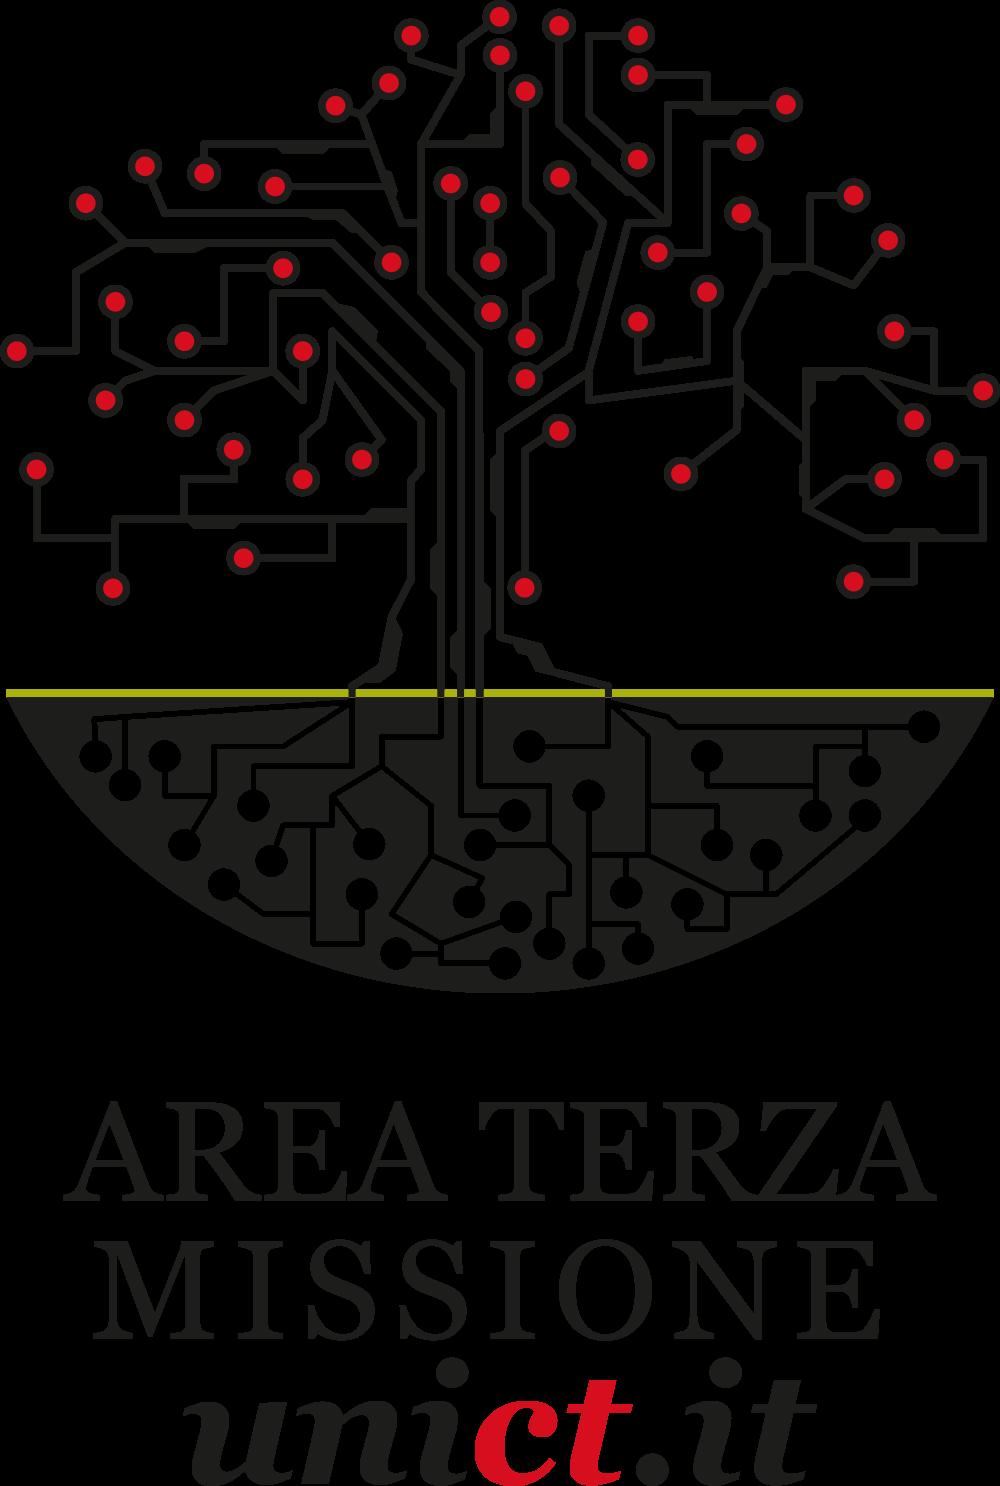 Terza Missione - Unict